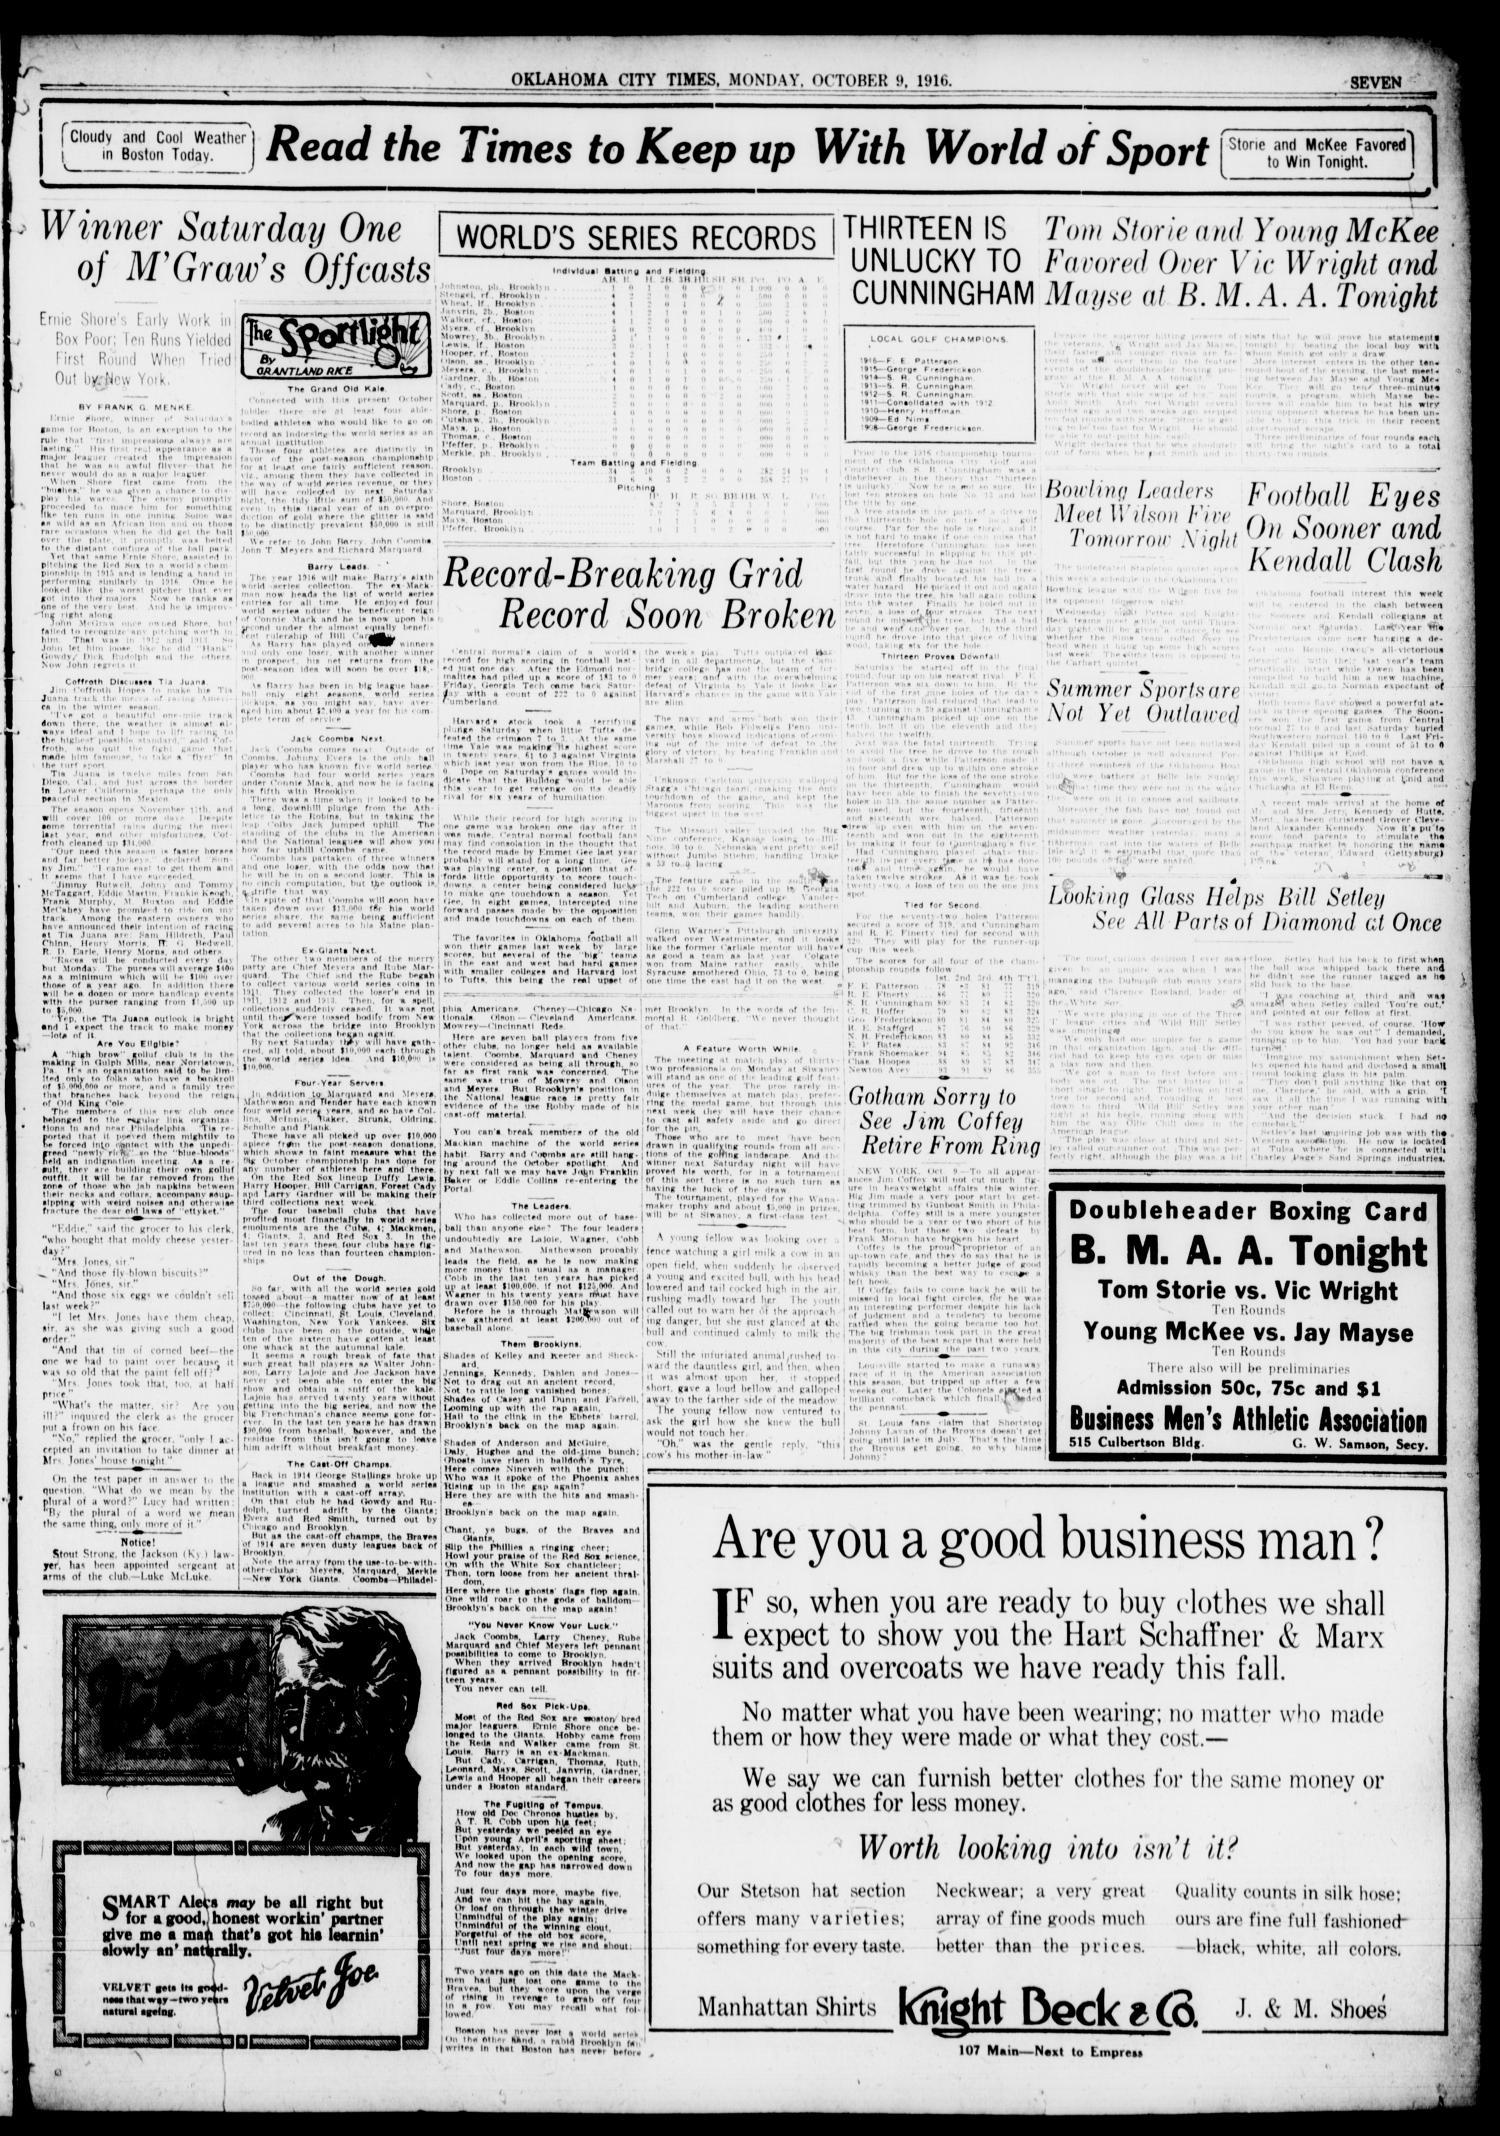 Oklahoma City Times (Oklahoma City, Okla ), Vol  28, No  163, Ed  1